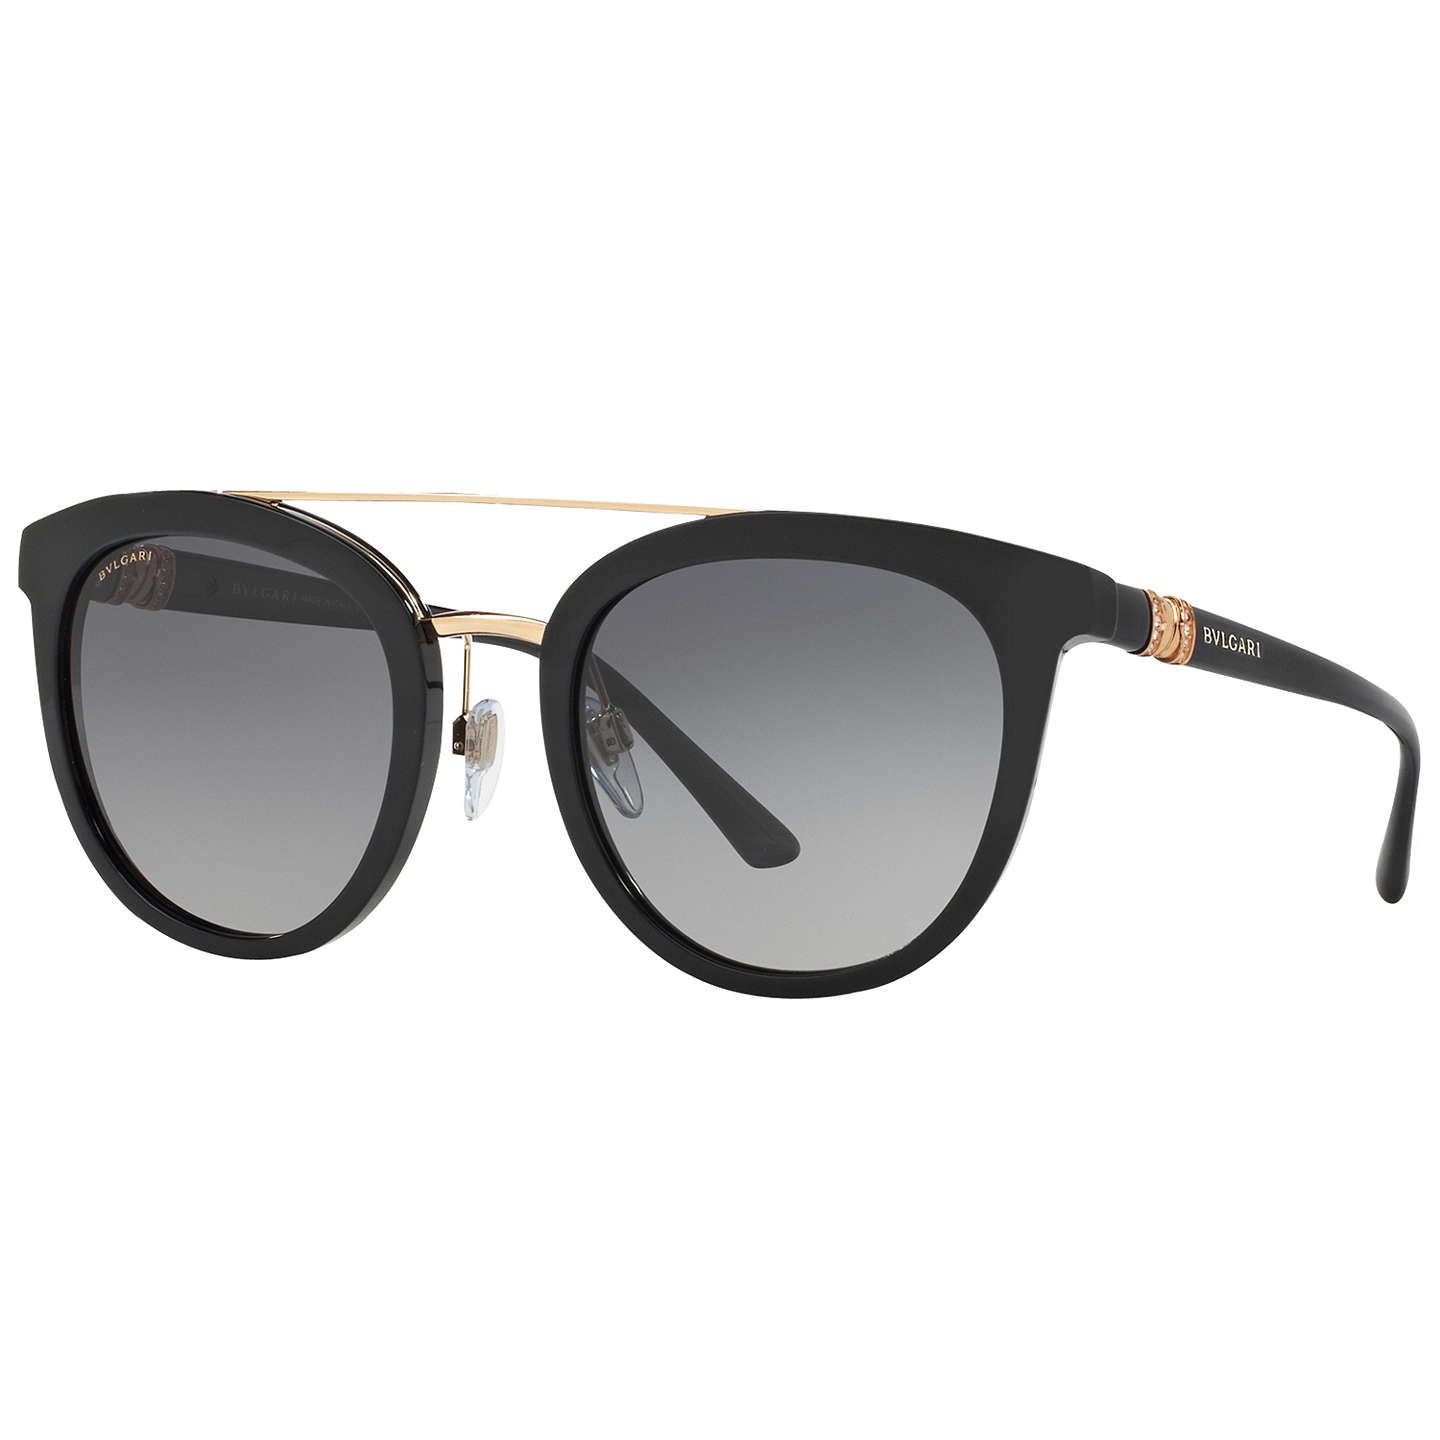 BVLGARI BV8184B Polarised Round Sunglasses Matte Black Grey